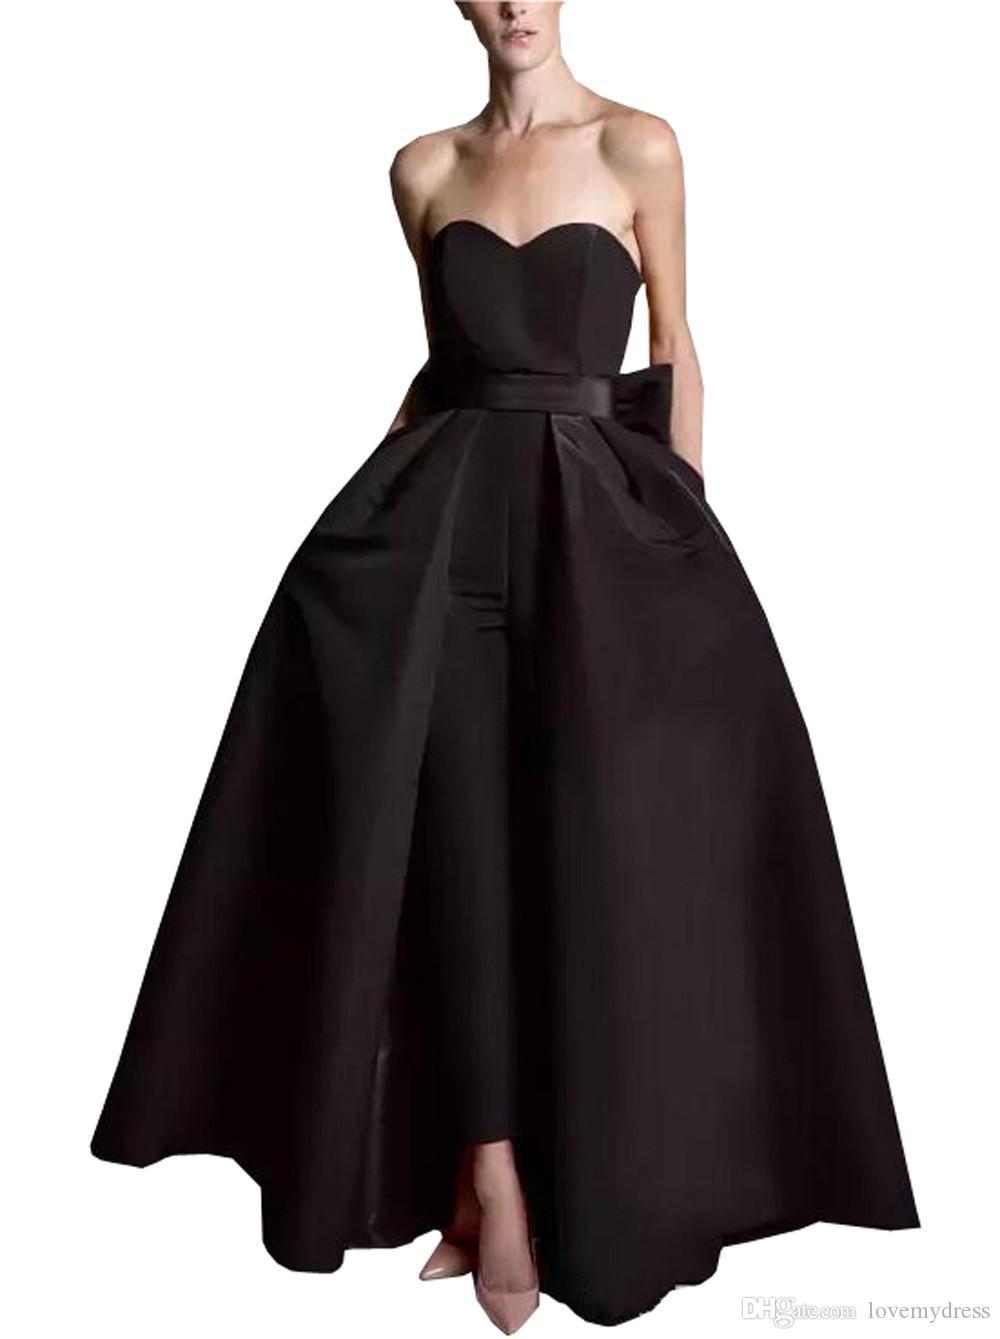 13 Einfach Frauen Abend Kleider Spezialgebiet20 Leicht Frauen Abend Kleider Spezialgebiet